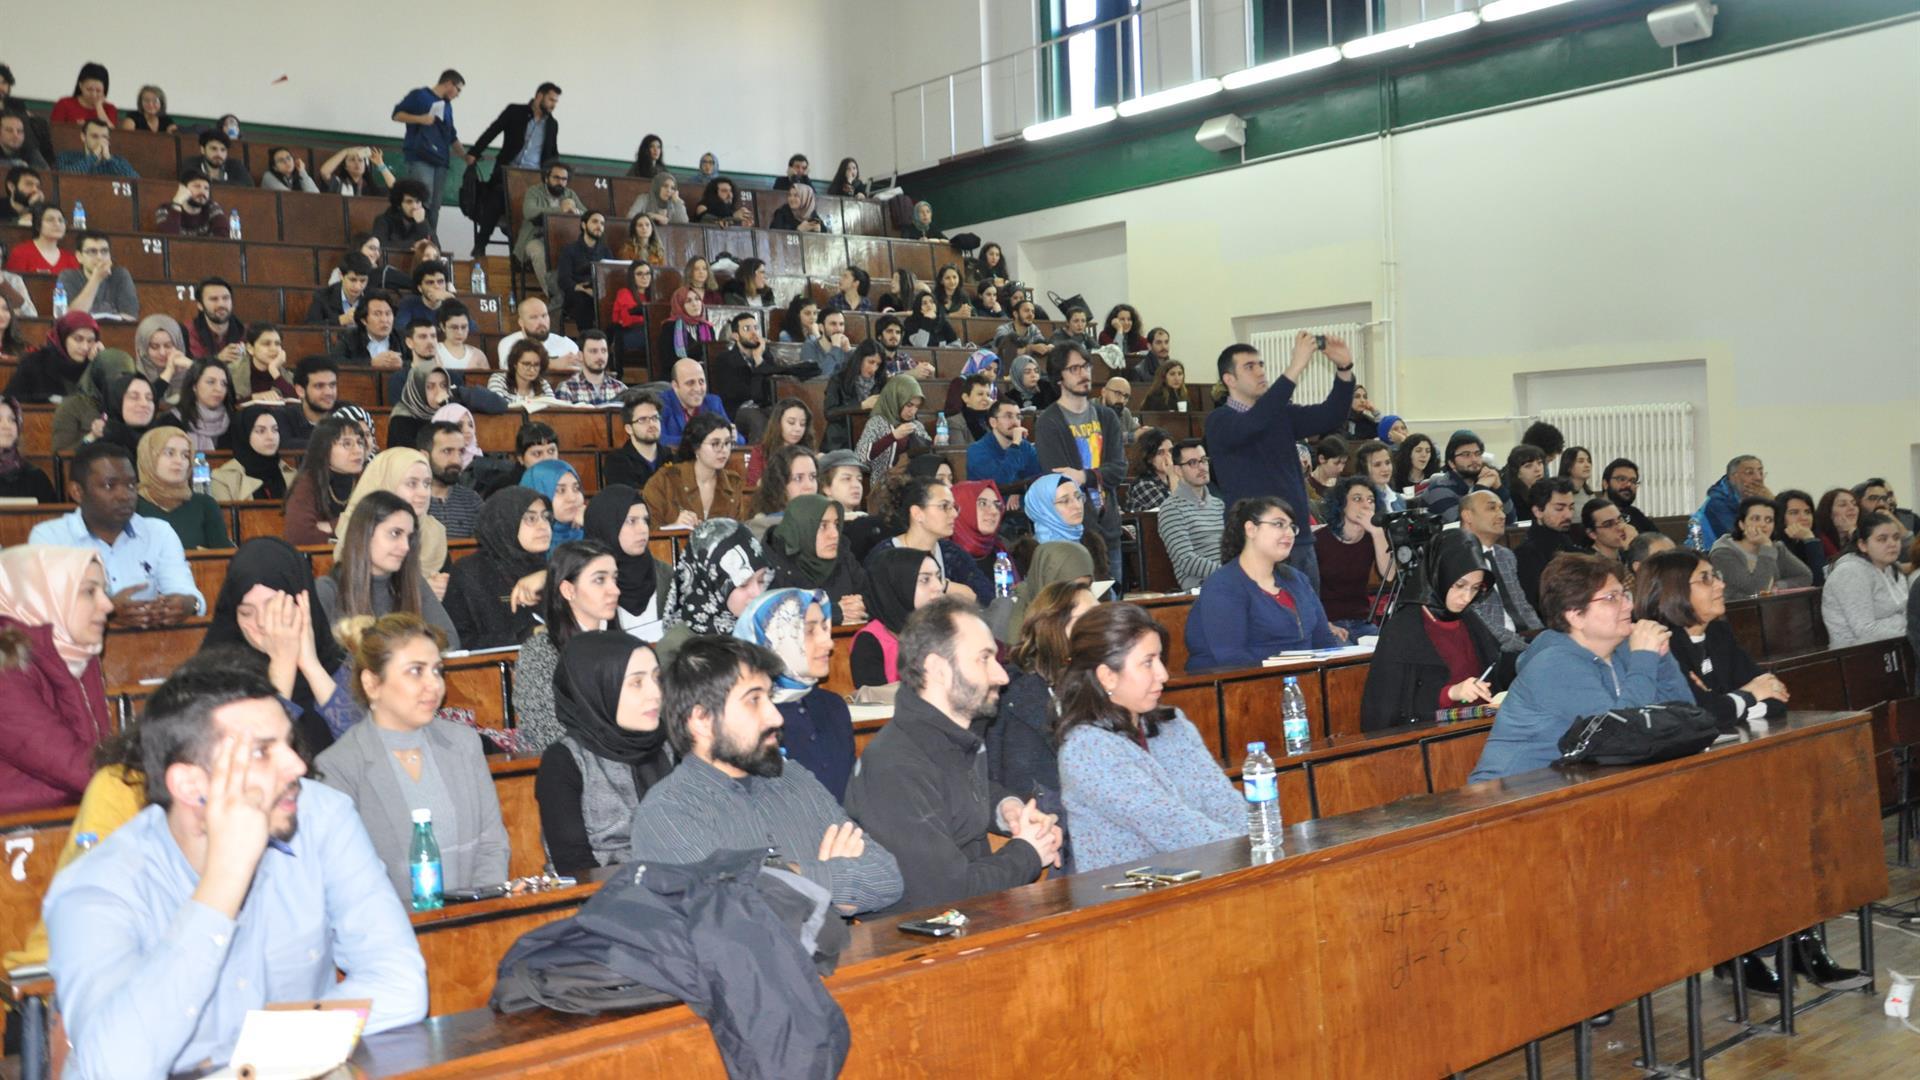 sosyoloji sosyoloji-günleri edebiyat-sosyoloji-bölümü sosyoloji-günleri-edebiyat-fakültesi kurtuluş-kayalı